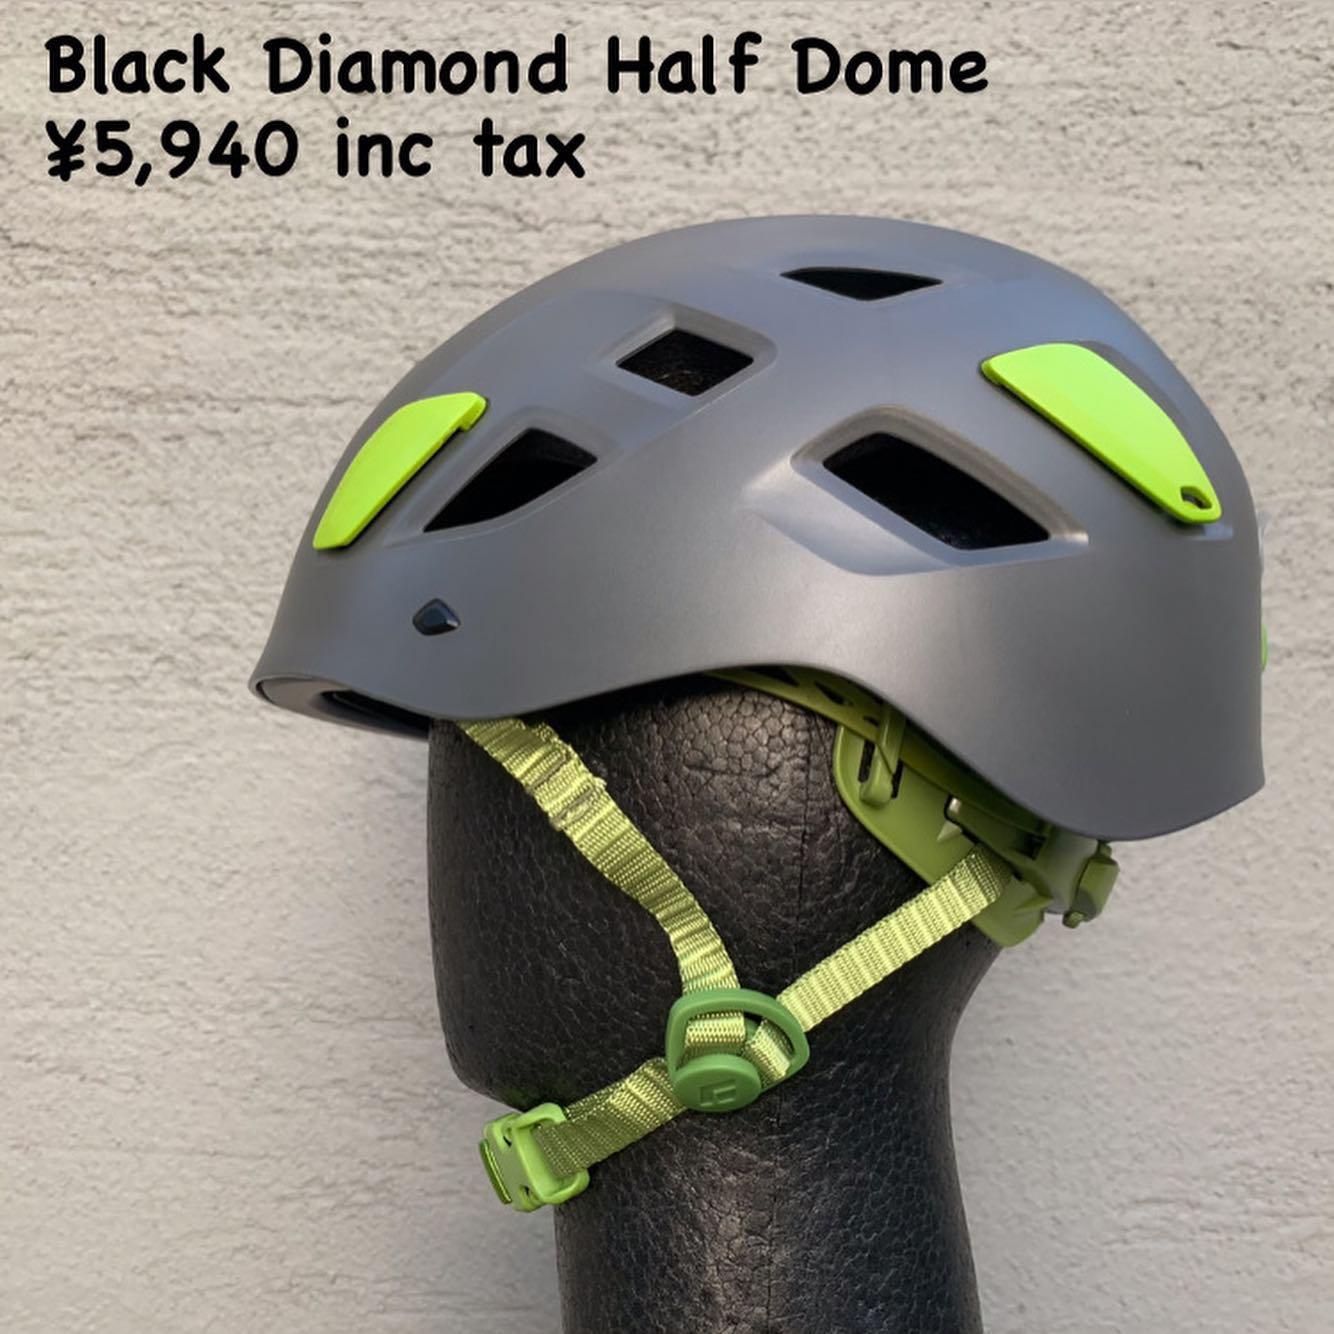 装着感、保護性能、コストパフォーマンスの三拍子揃った定番モデル『Black Diamond ハーフドーム』のご紹介